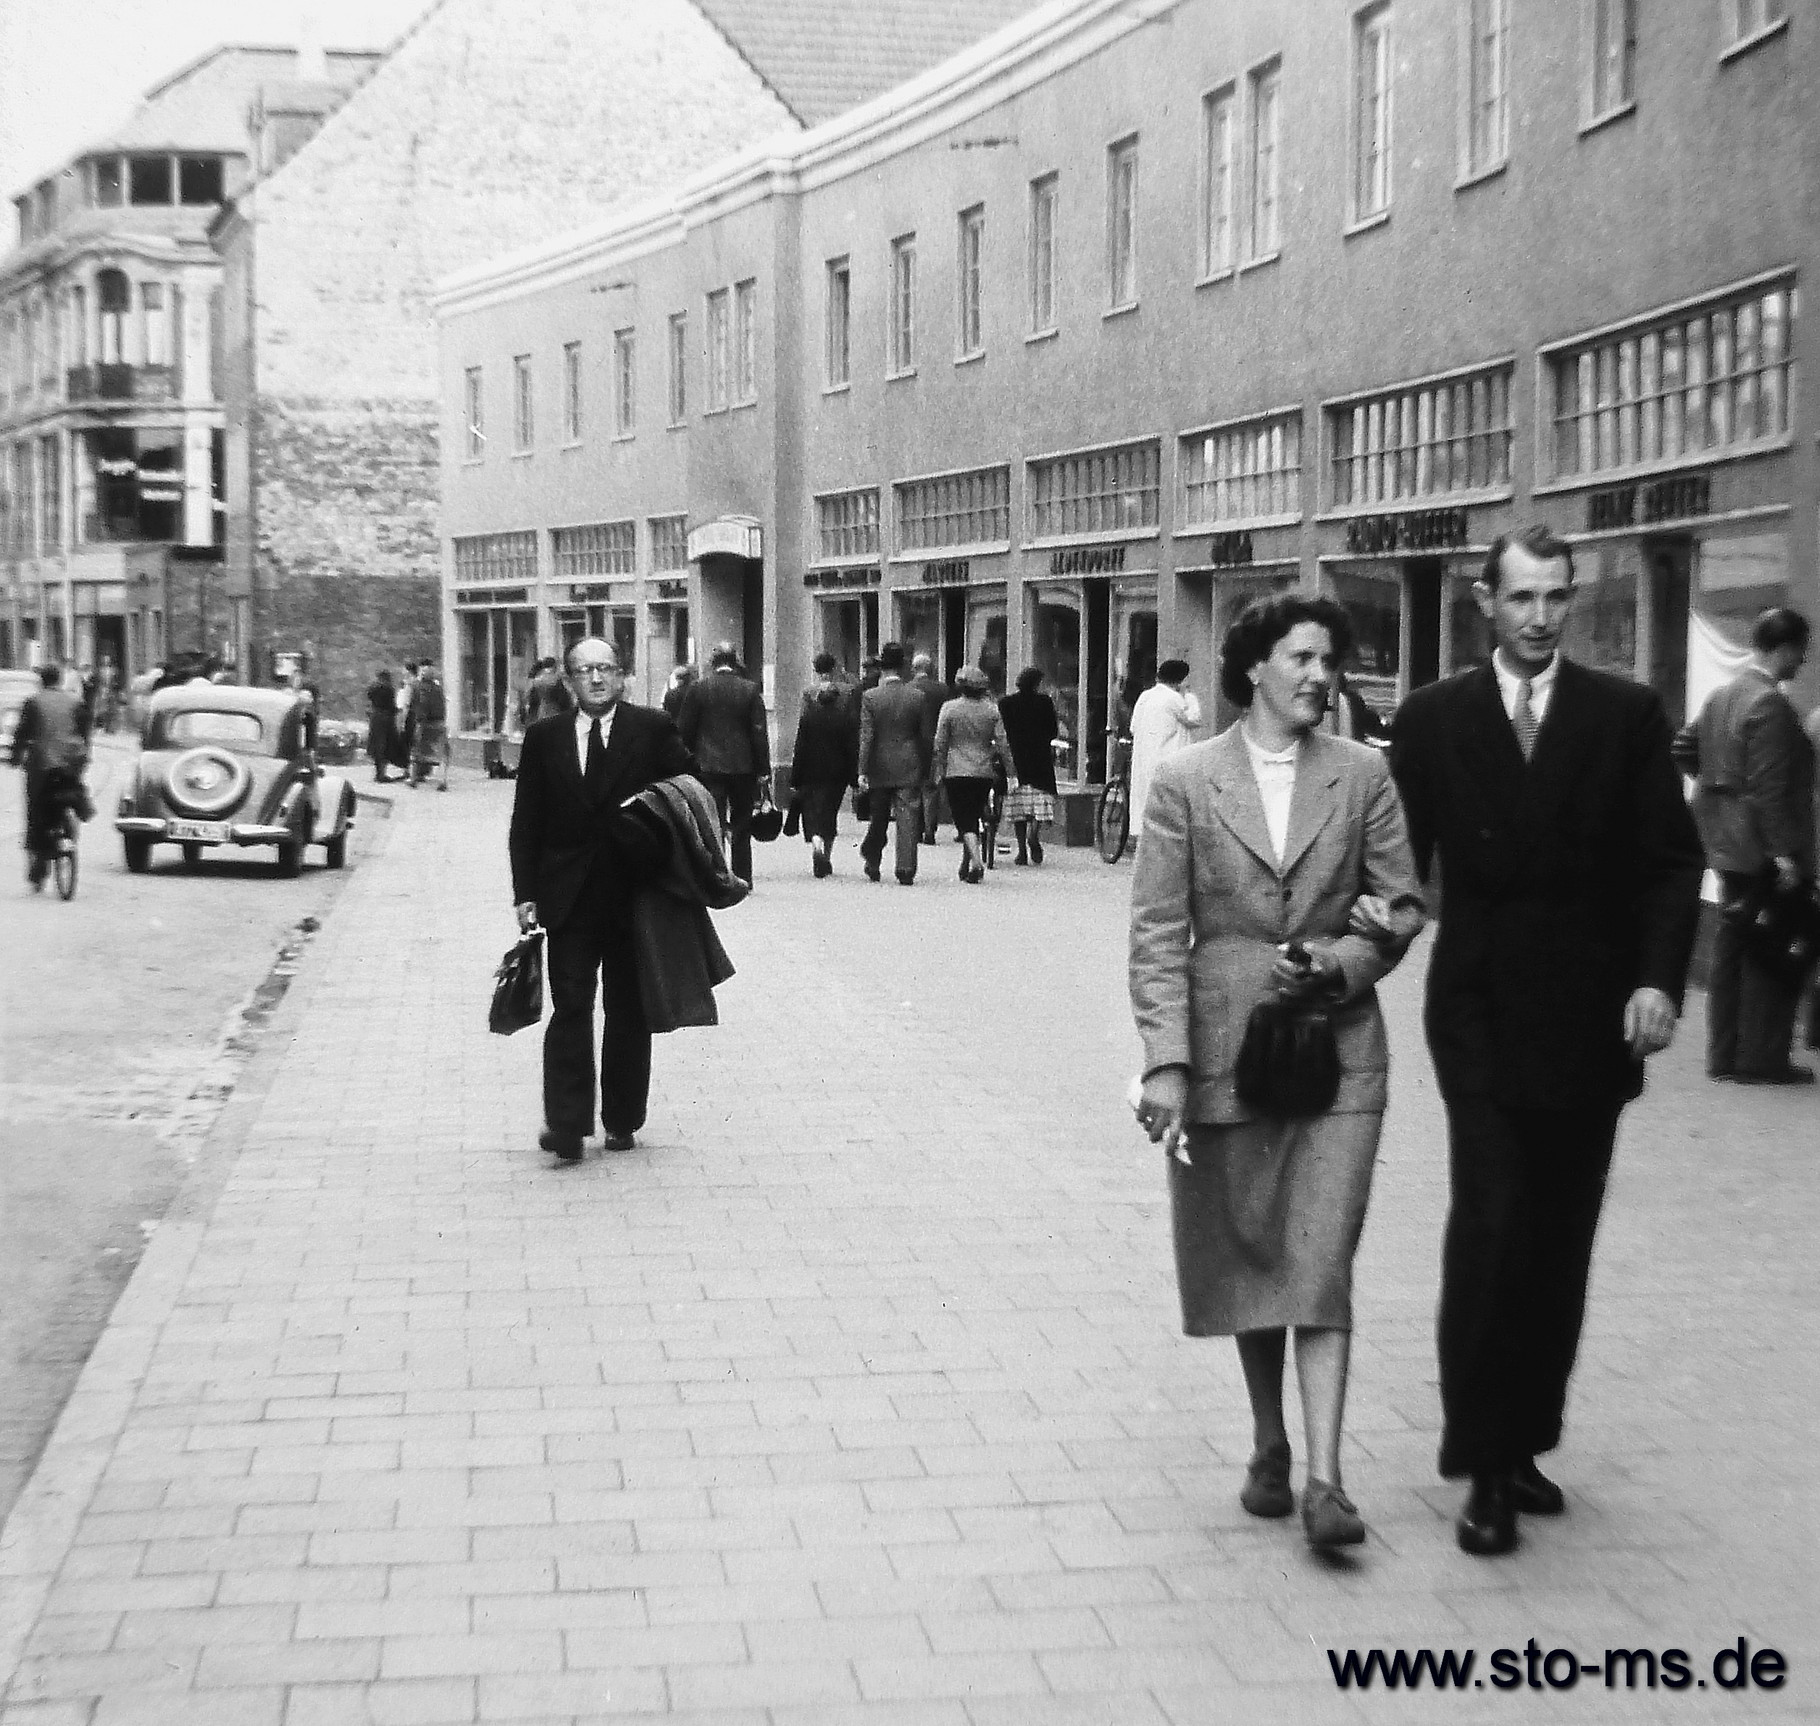 Passanten in der Salzstraße